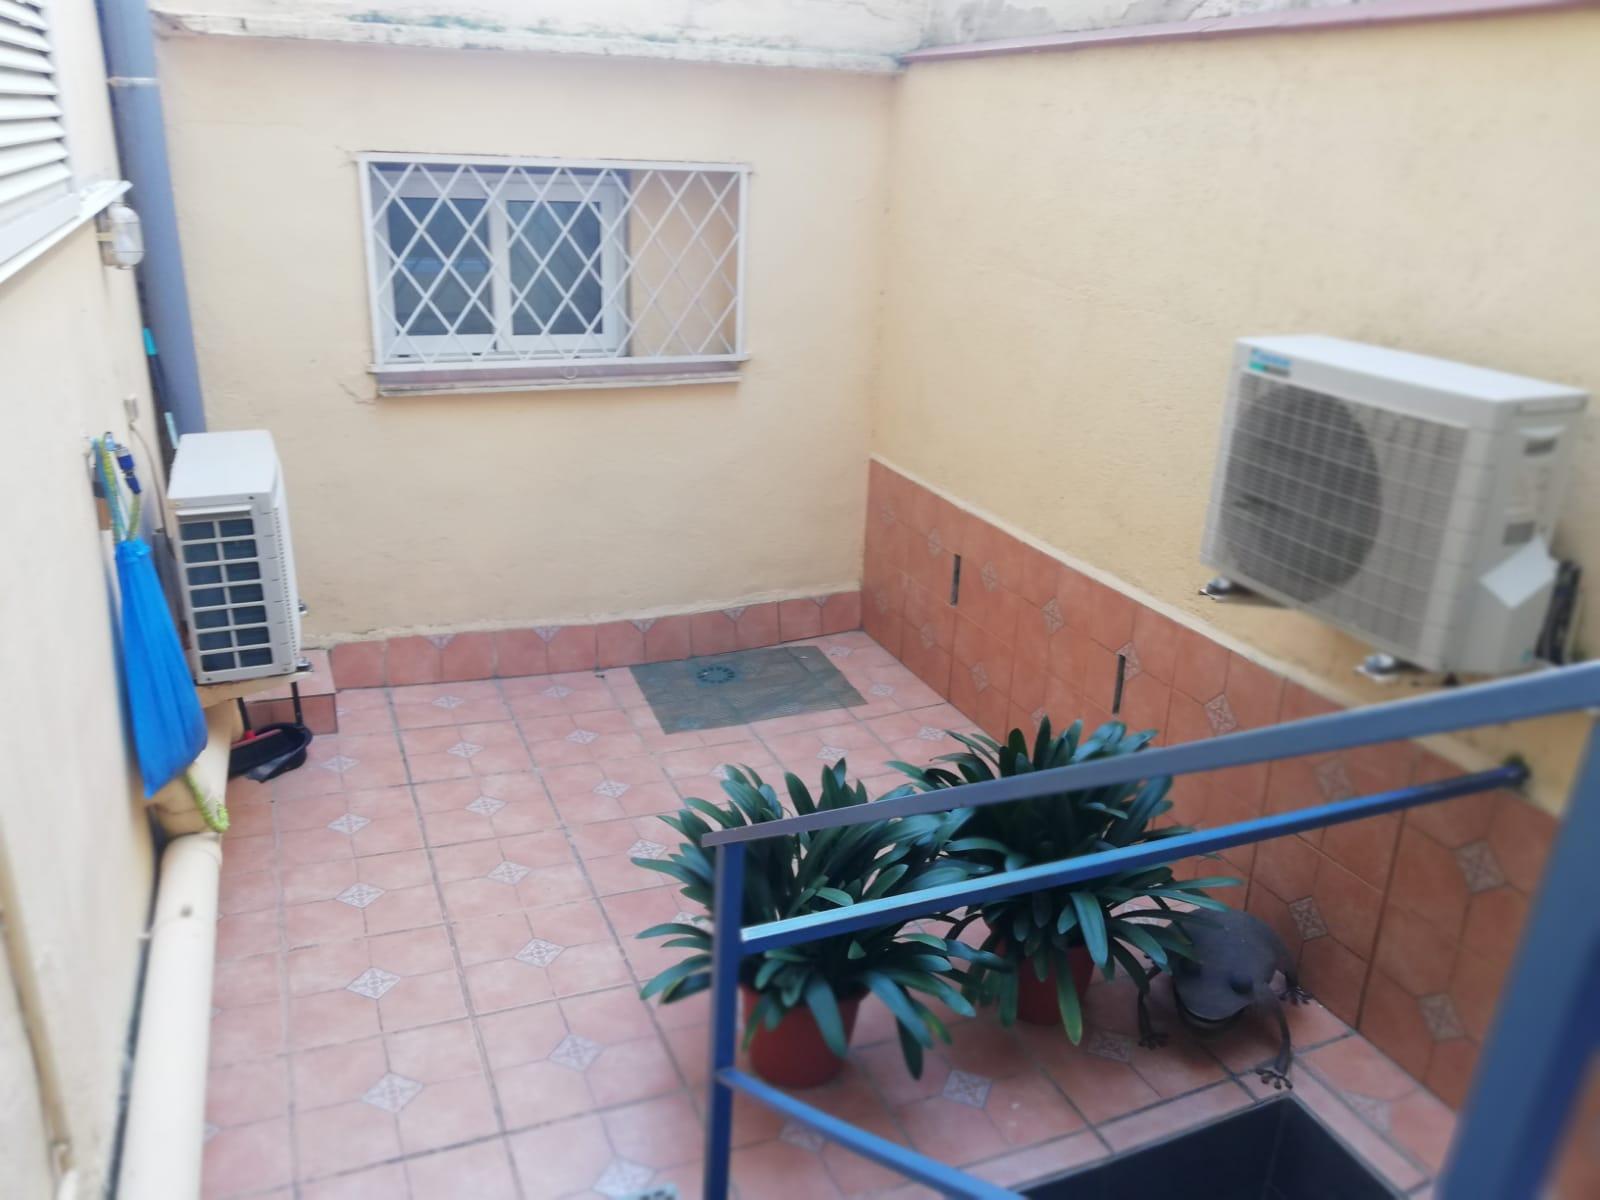 Частный дом площадью 250 м2 и патио площадью 35 м2 распределен примерно на два этажа